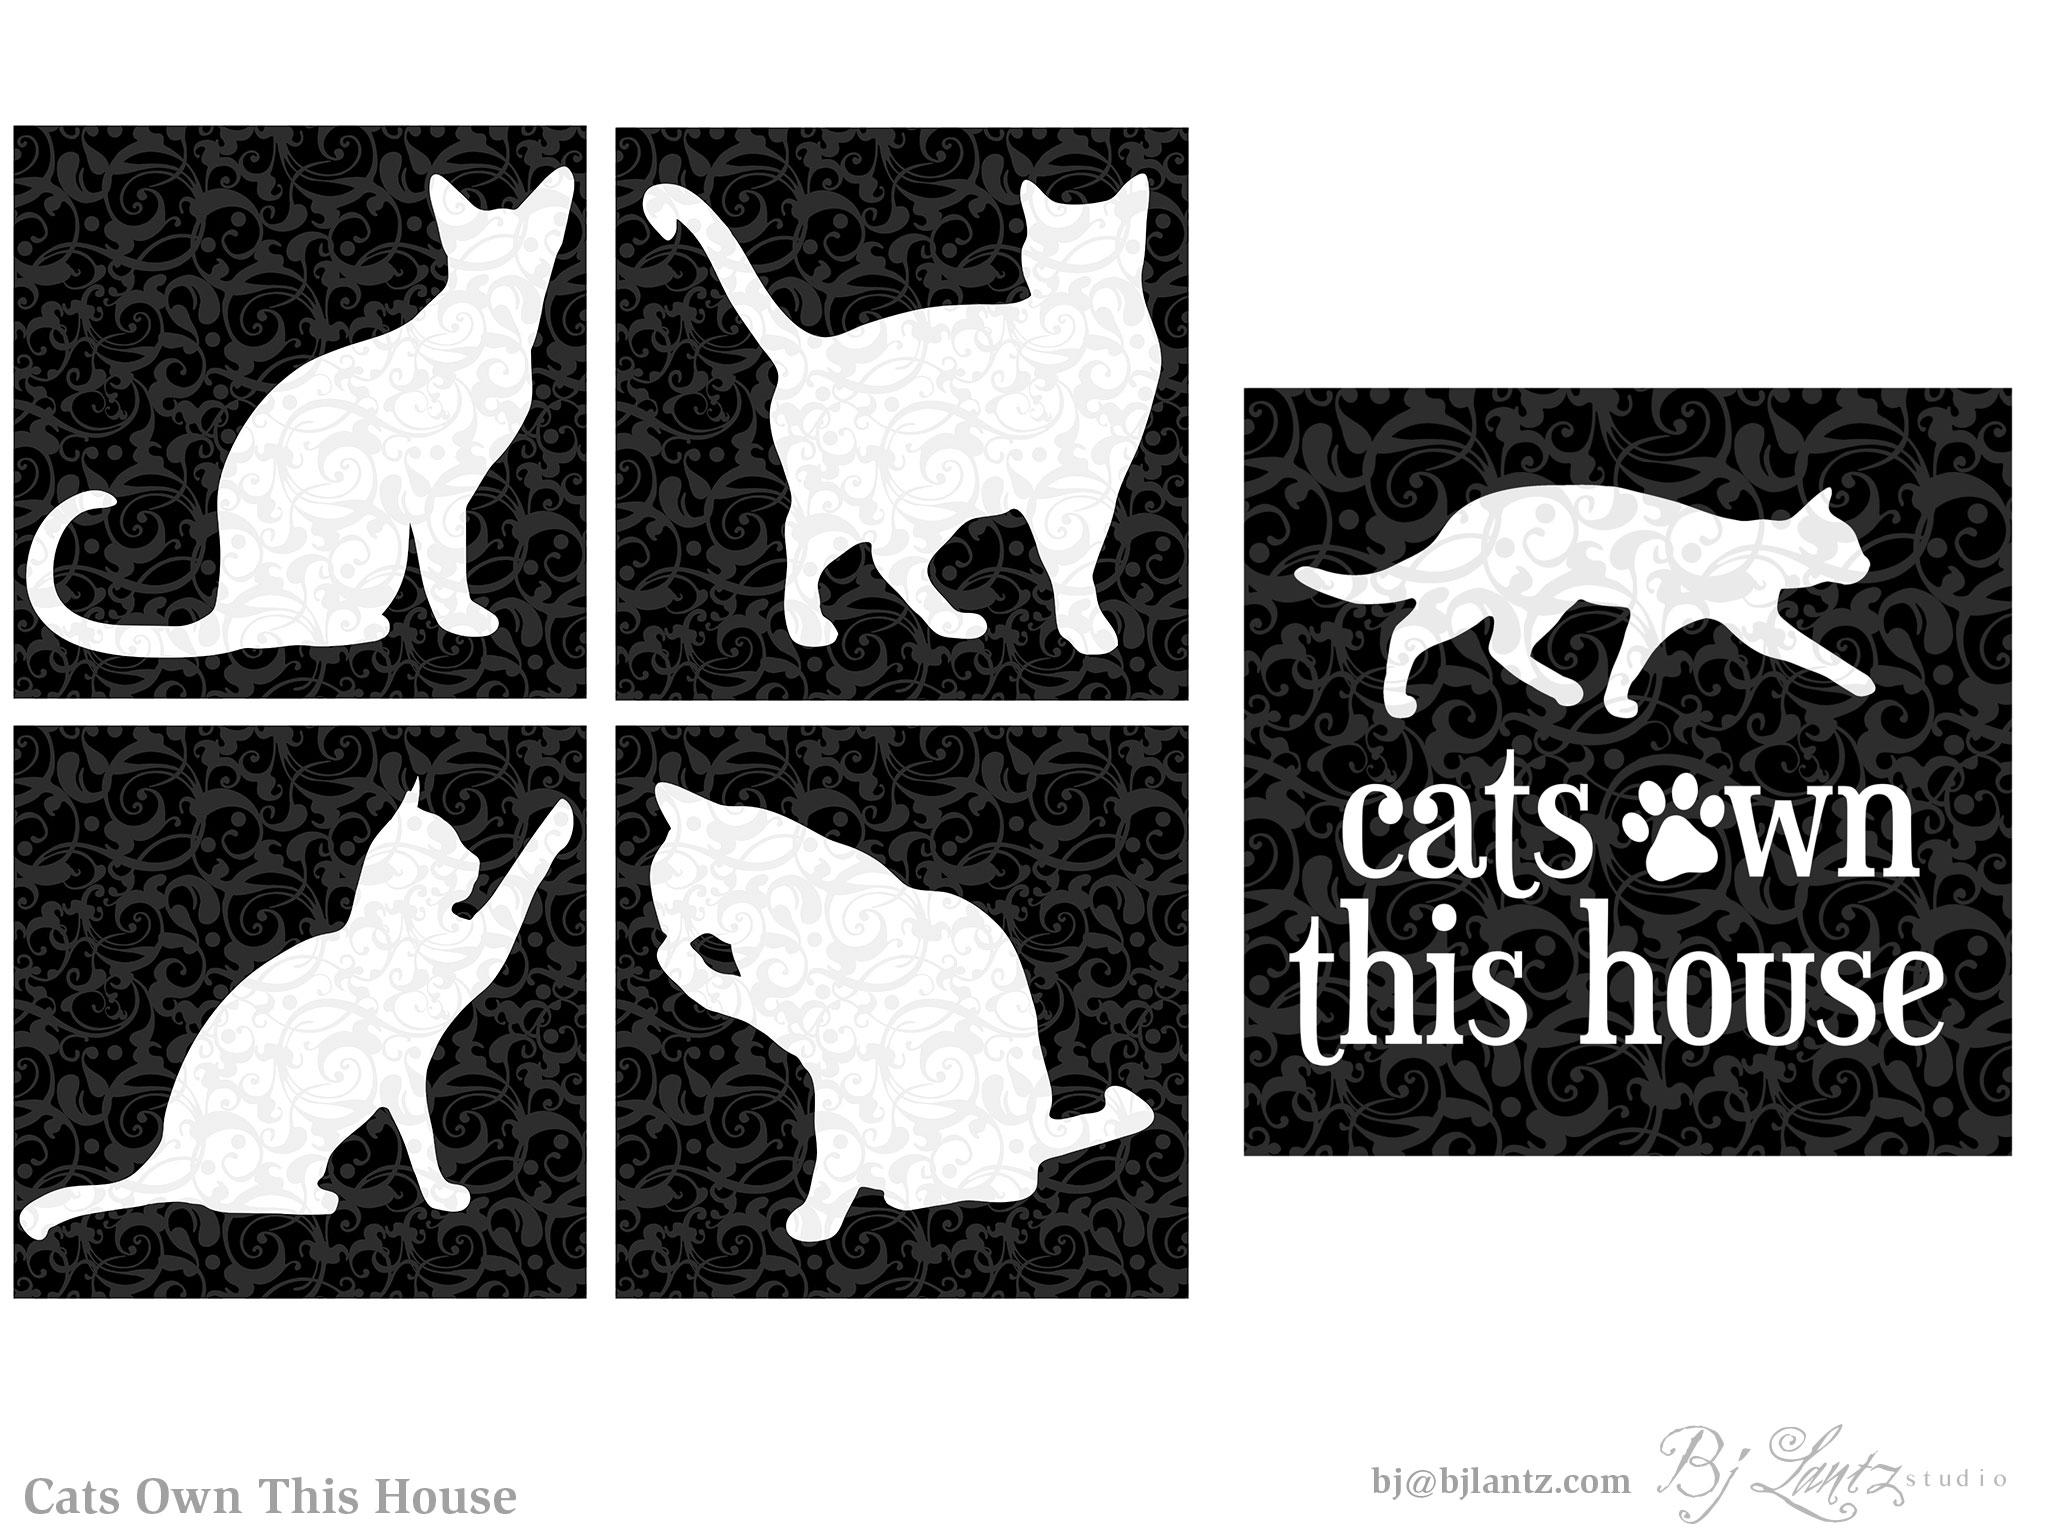 CatsOwnThisHouse_BJLantz_portfolio.jpg